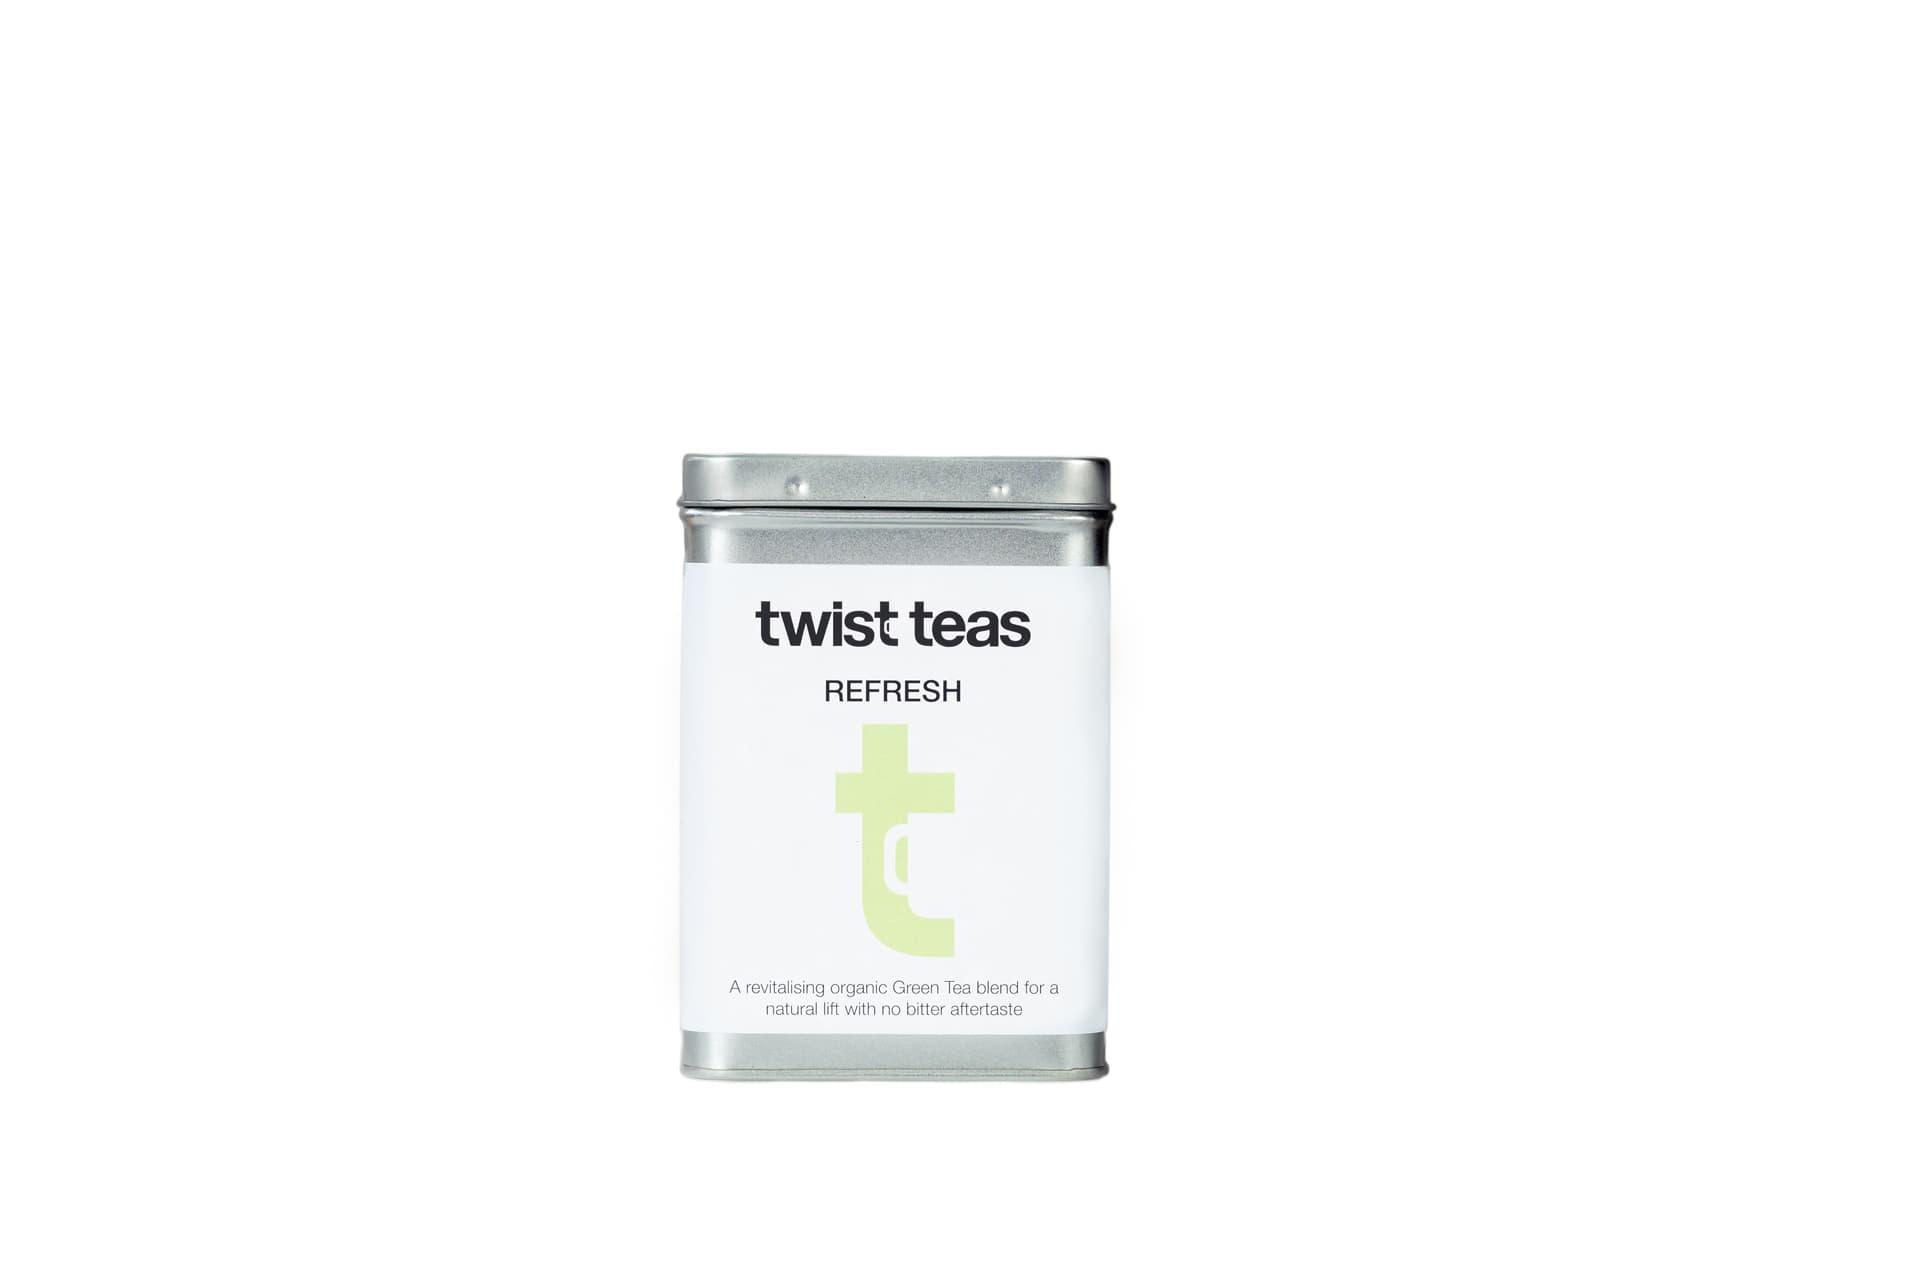 Twist Teas Refresh Tea Caddy